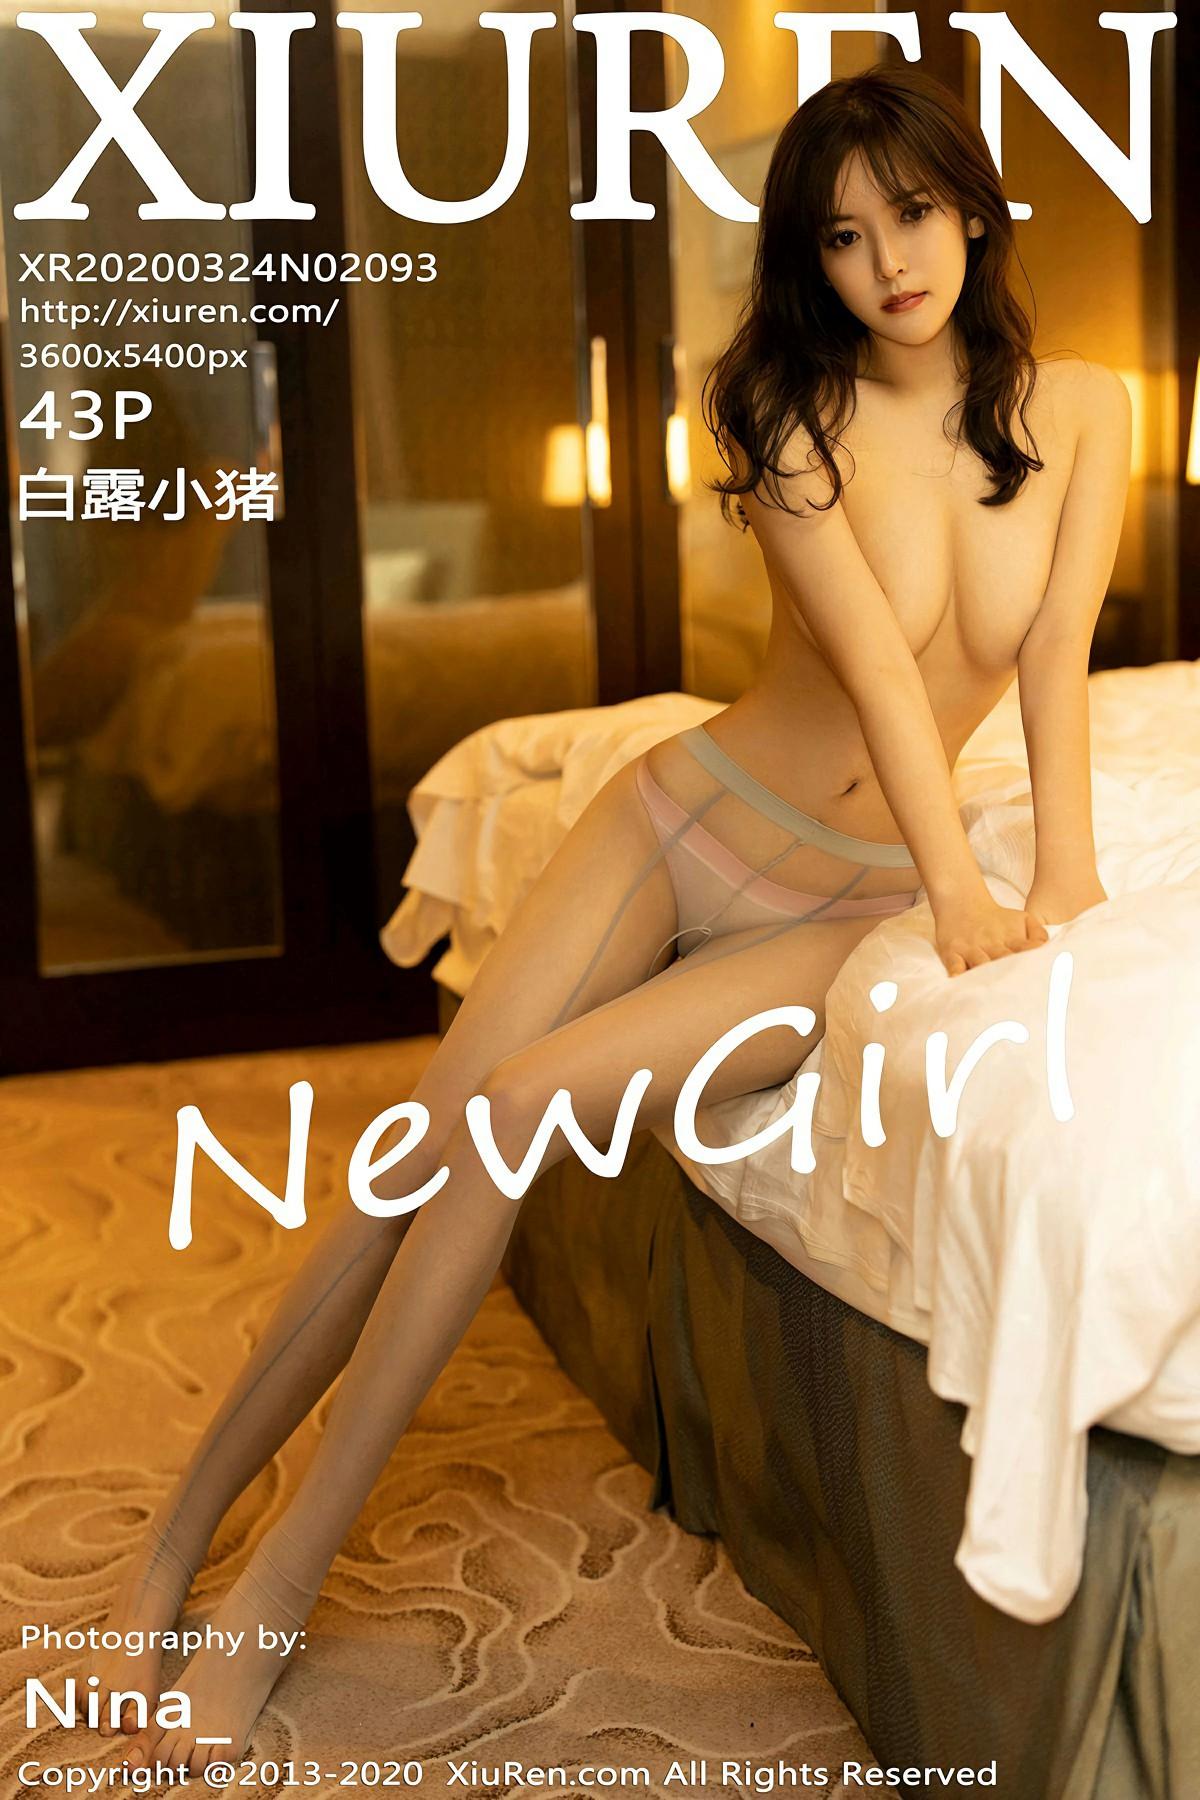 [XiuRen秀人网]2020.03.24 No.2093 白露小猪-第1张图片-福利社